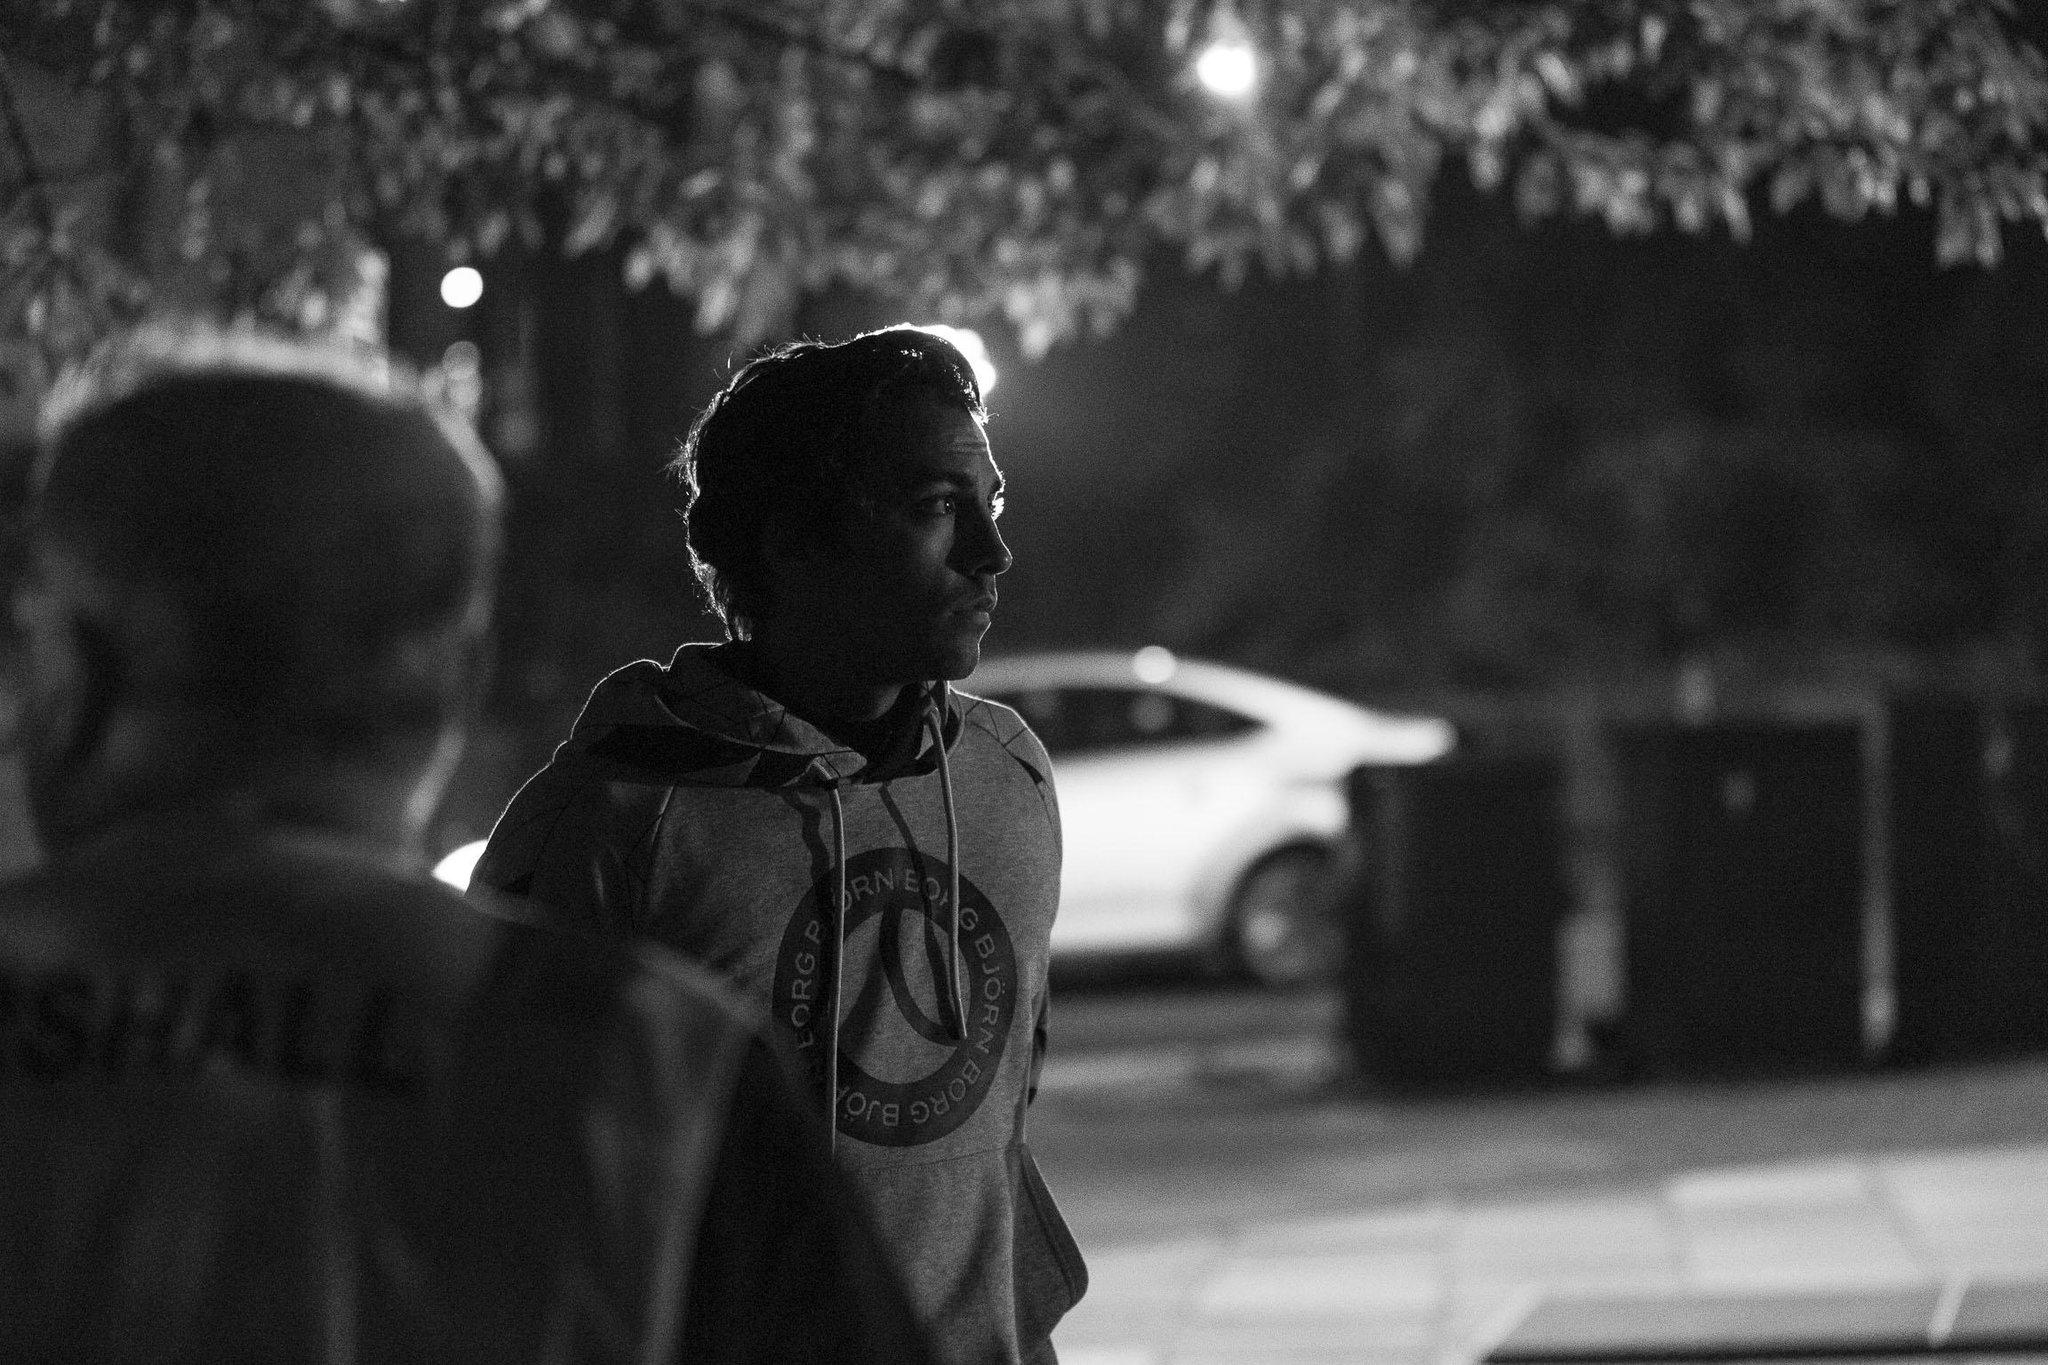 Pro #Freerunner @Zyrken in London. http://t.co/8ZHPD5d0Jf